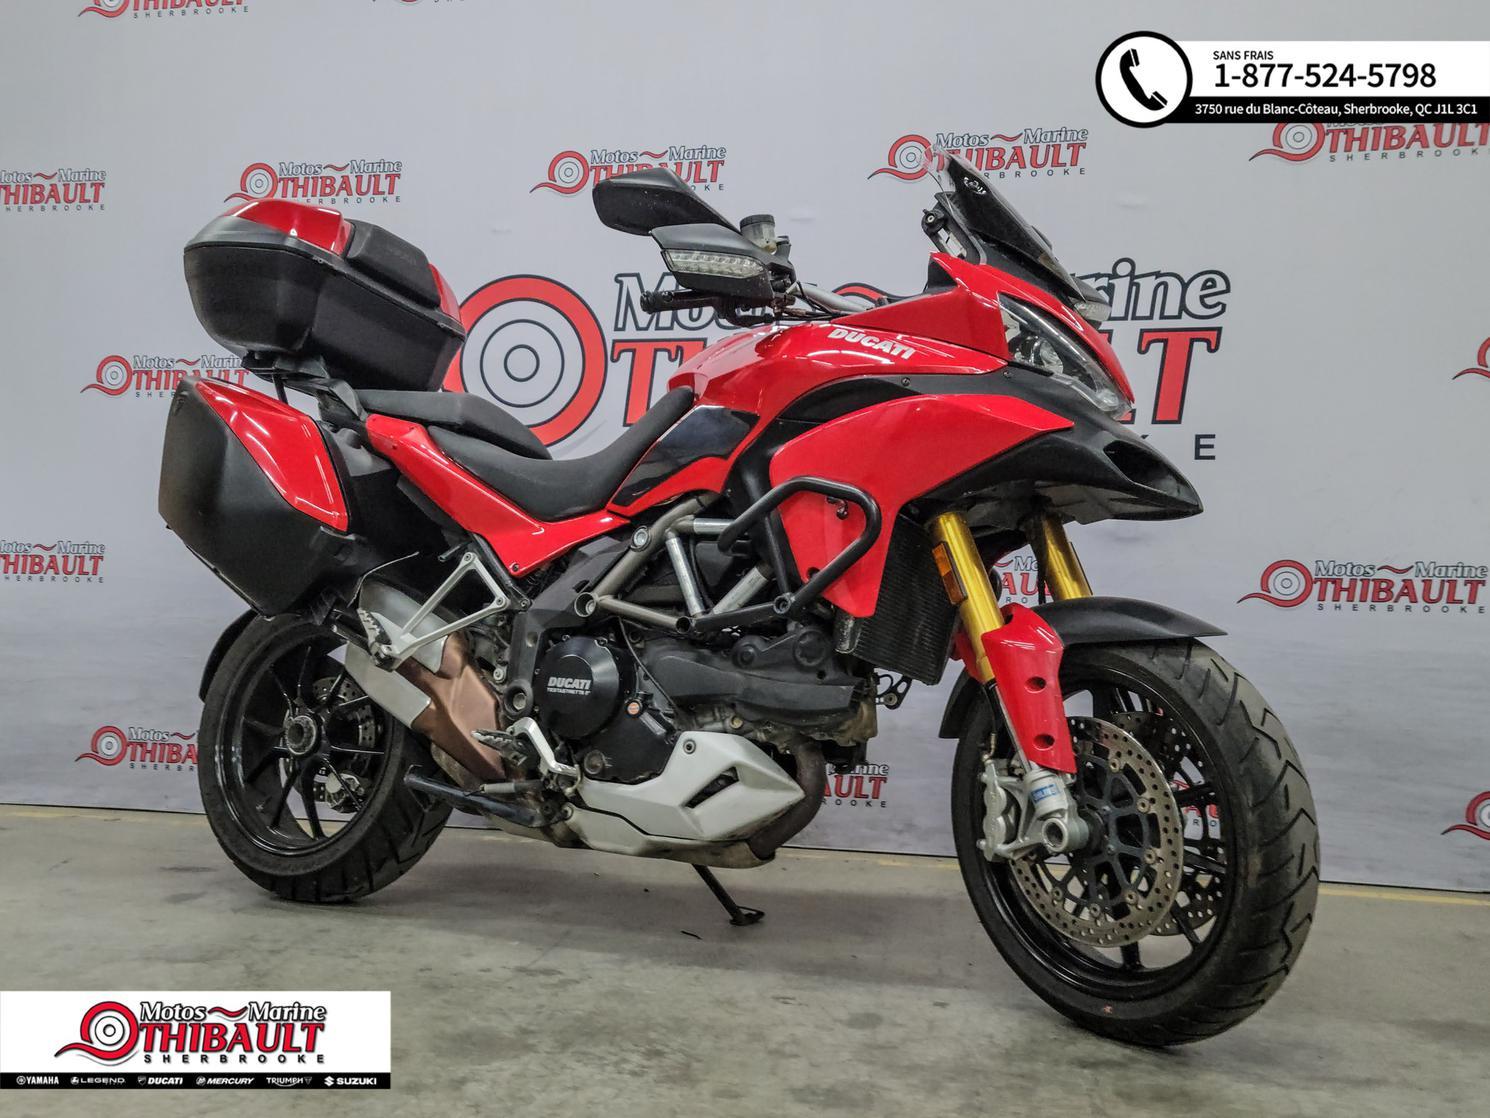 Ducati Multistrada 1200S - Touring 2011